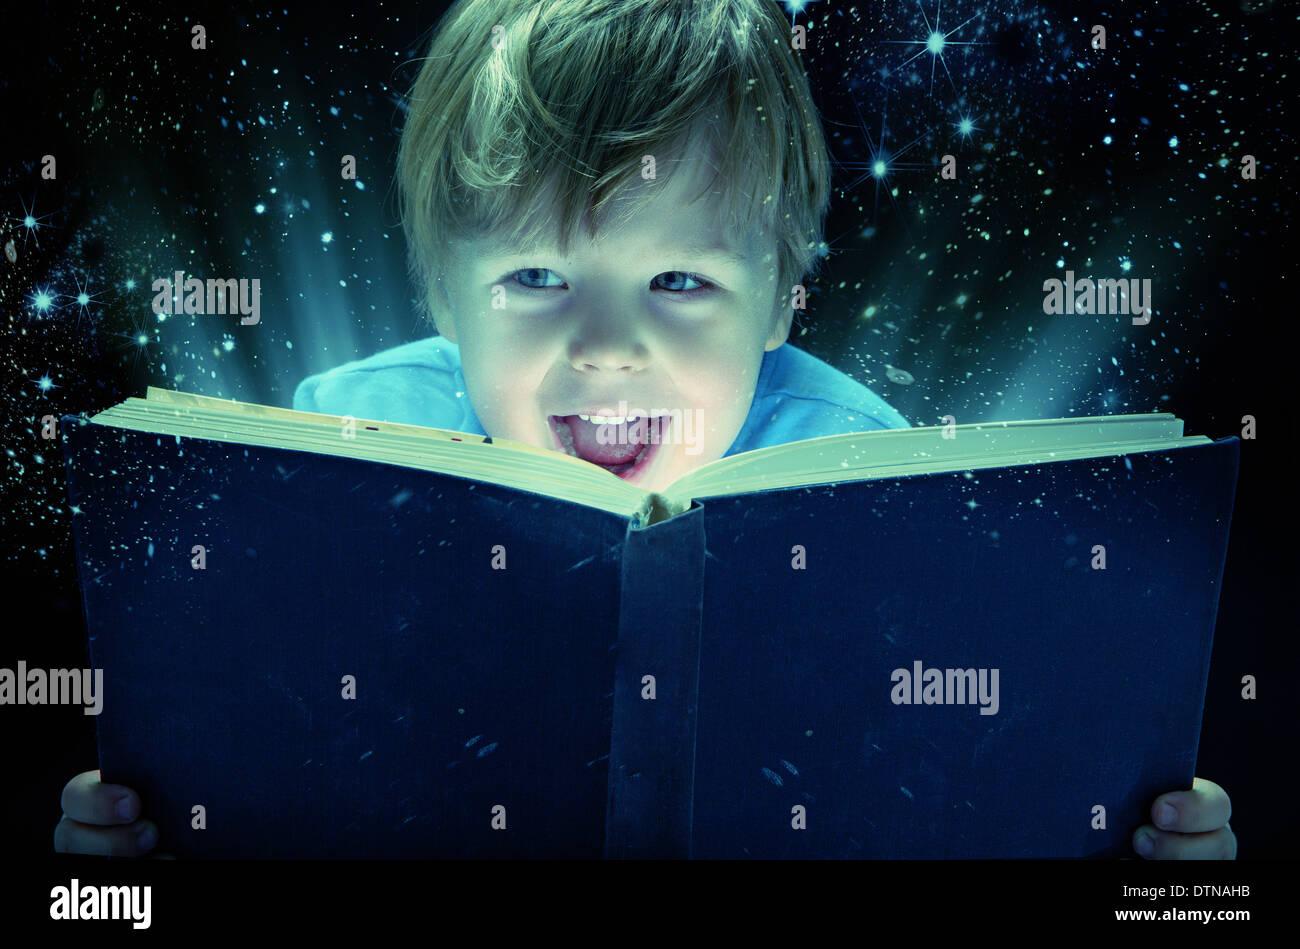 Laughing pequeño con el viejo libro mágico Imagen De Stock